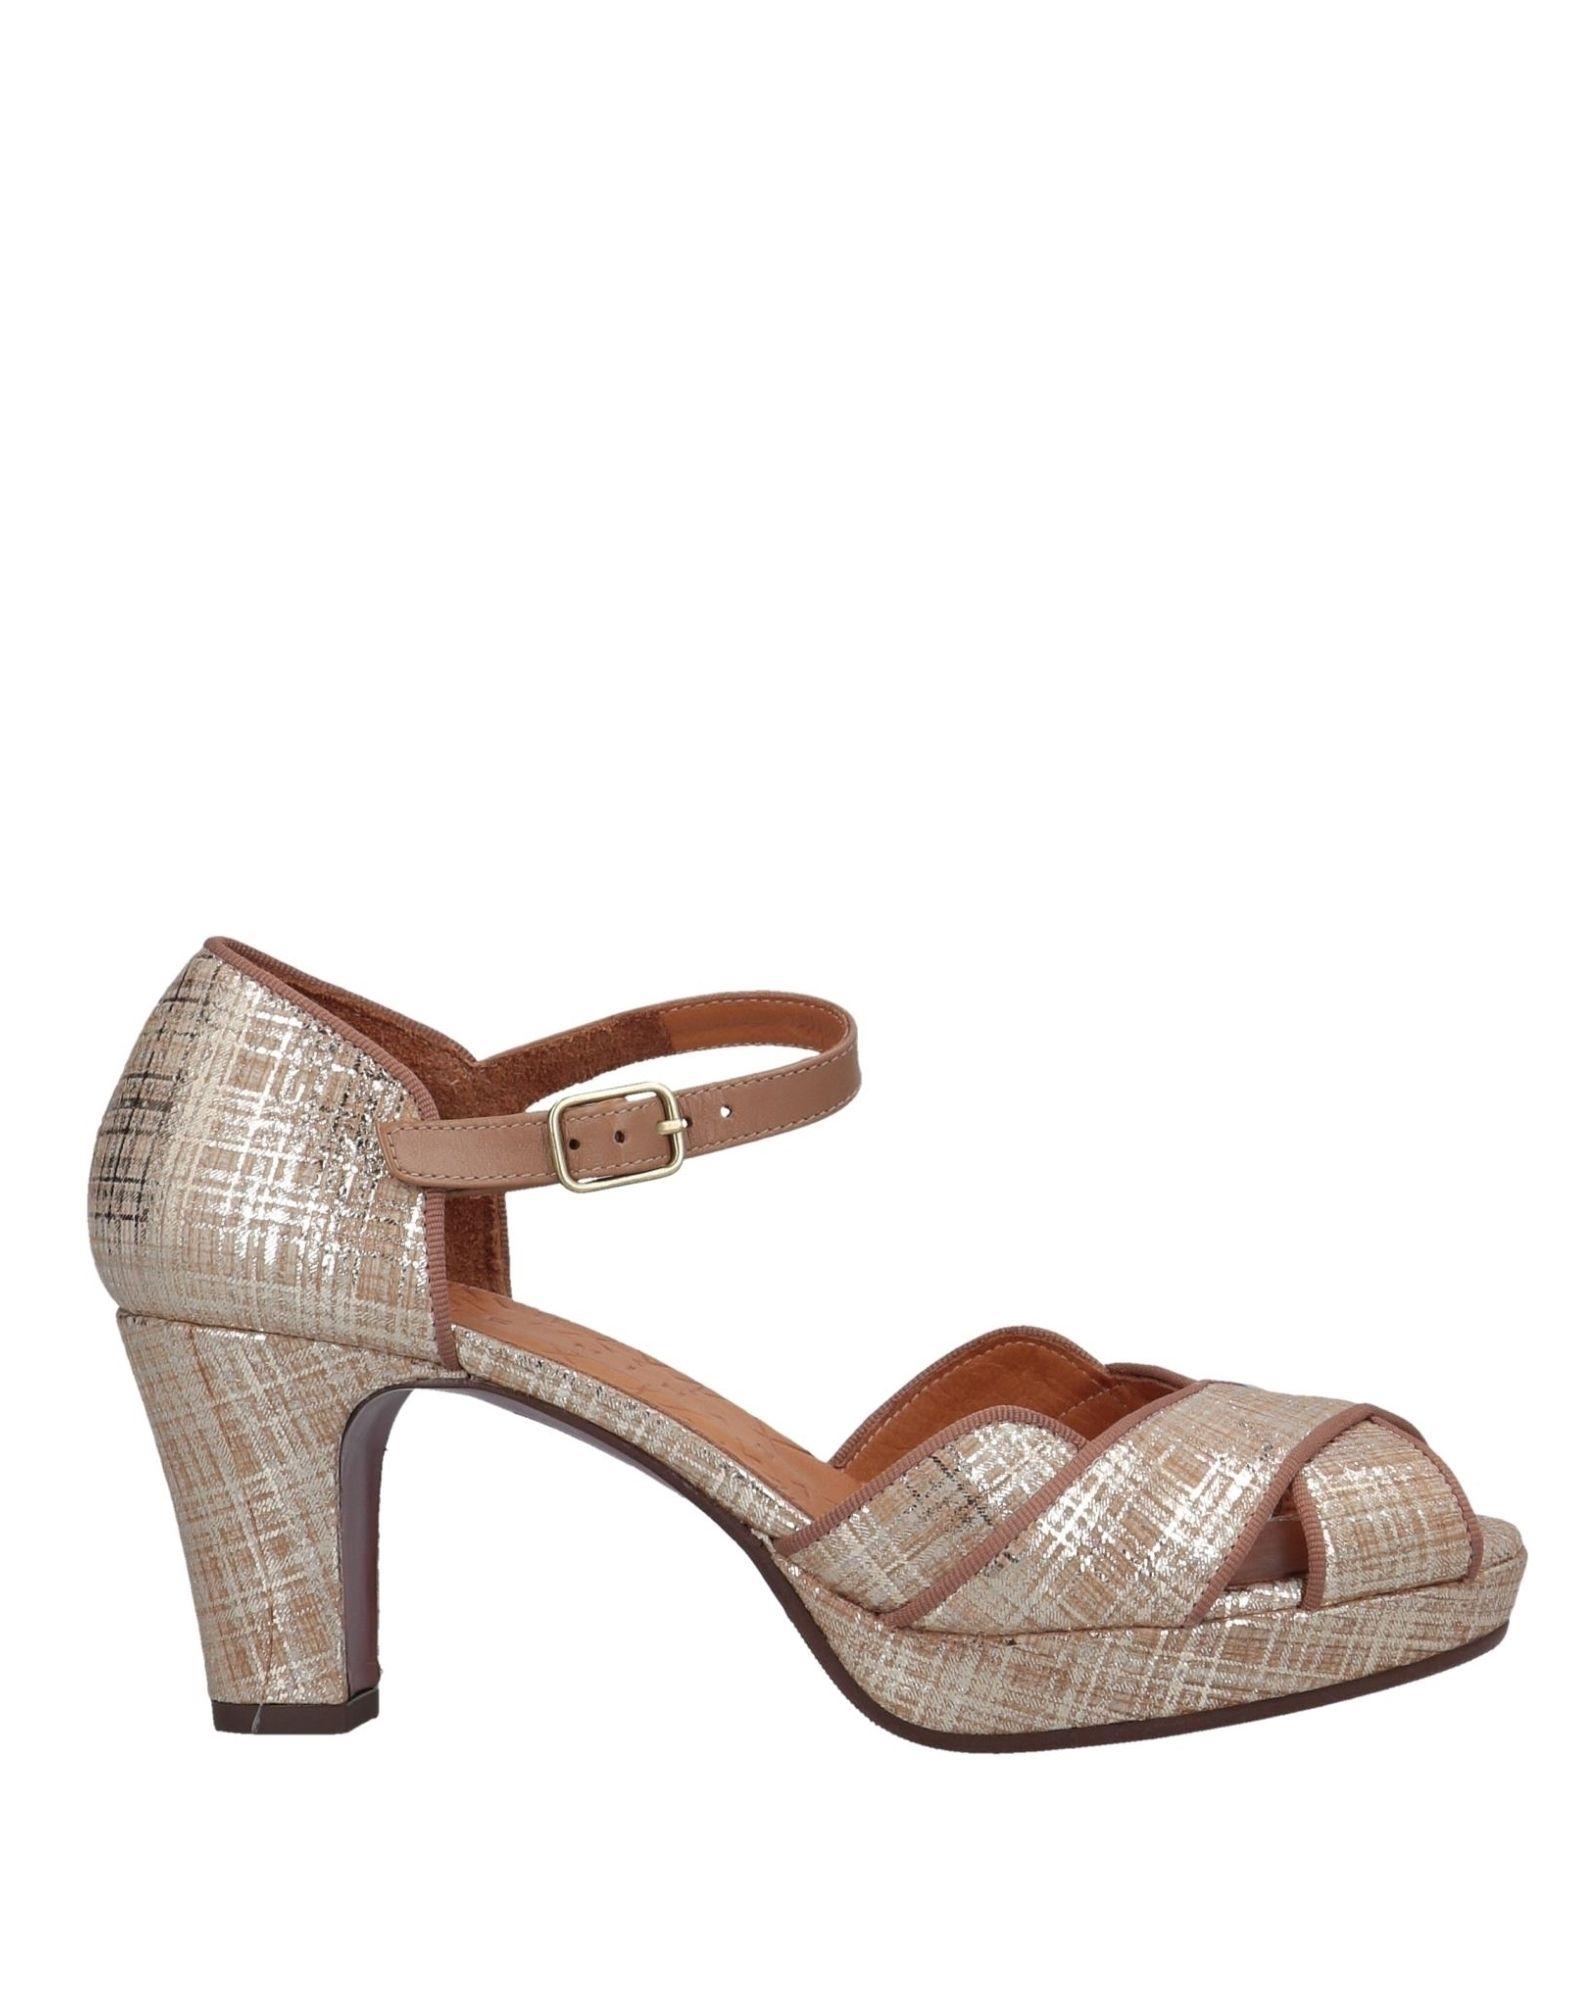 Chie Mihara Sandalen Sandalen Mihara Damen Gutes Preis-Leistungs-Verhältnis, es lohnt sich c1ddbb